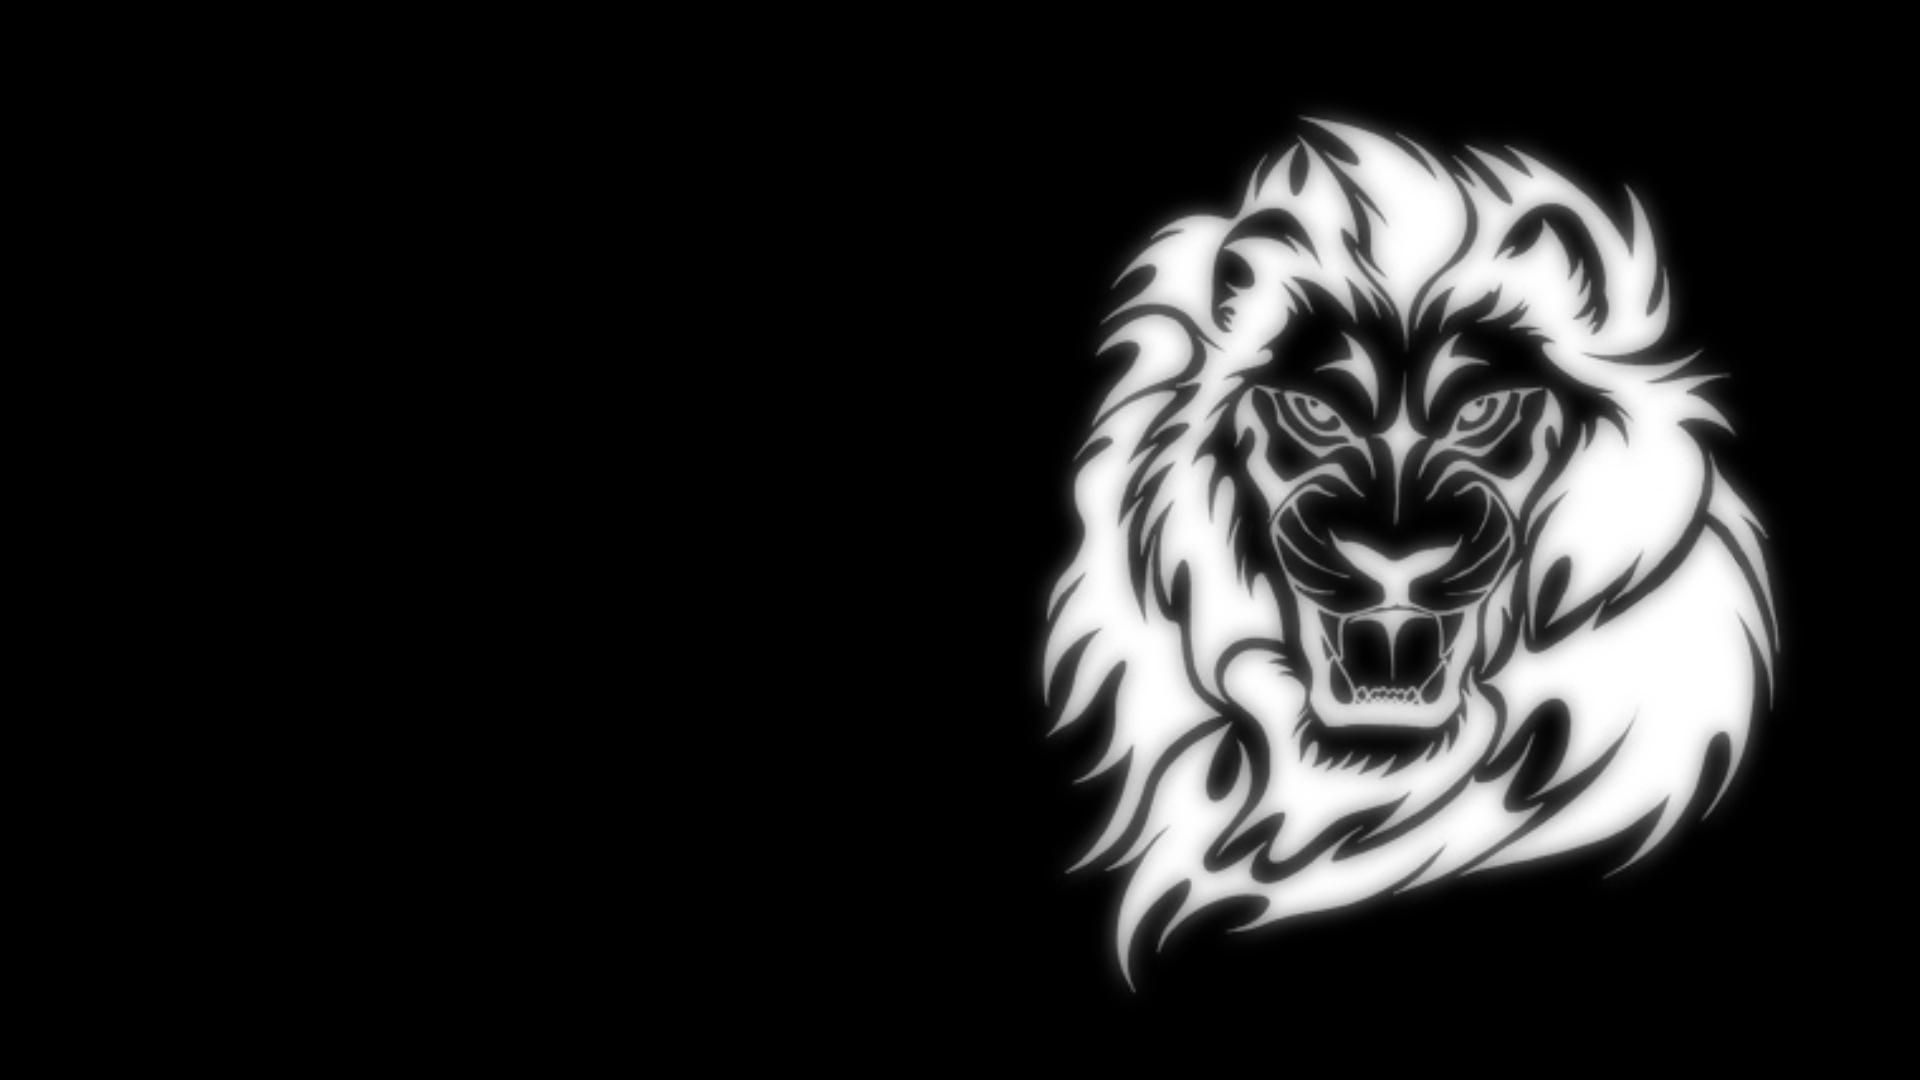 Lion art wallpaper Group (71+)